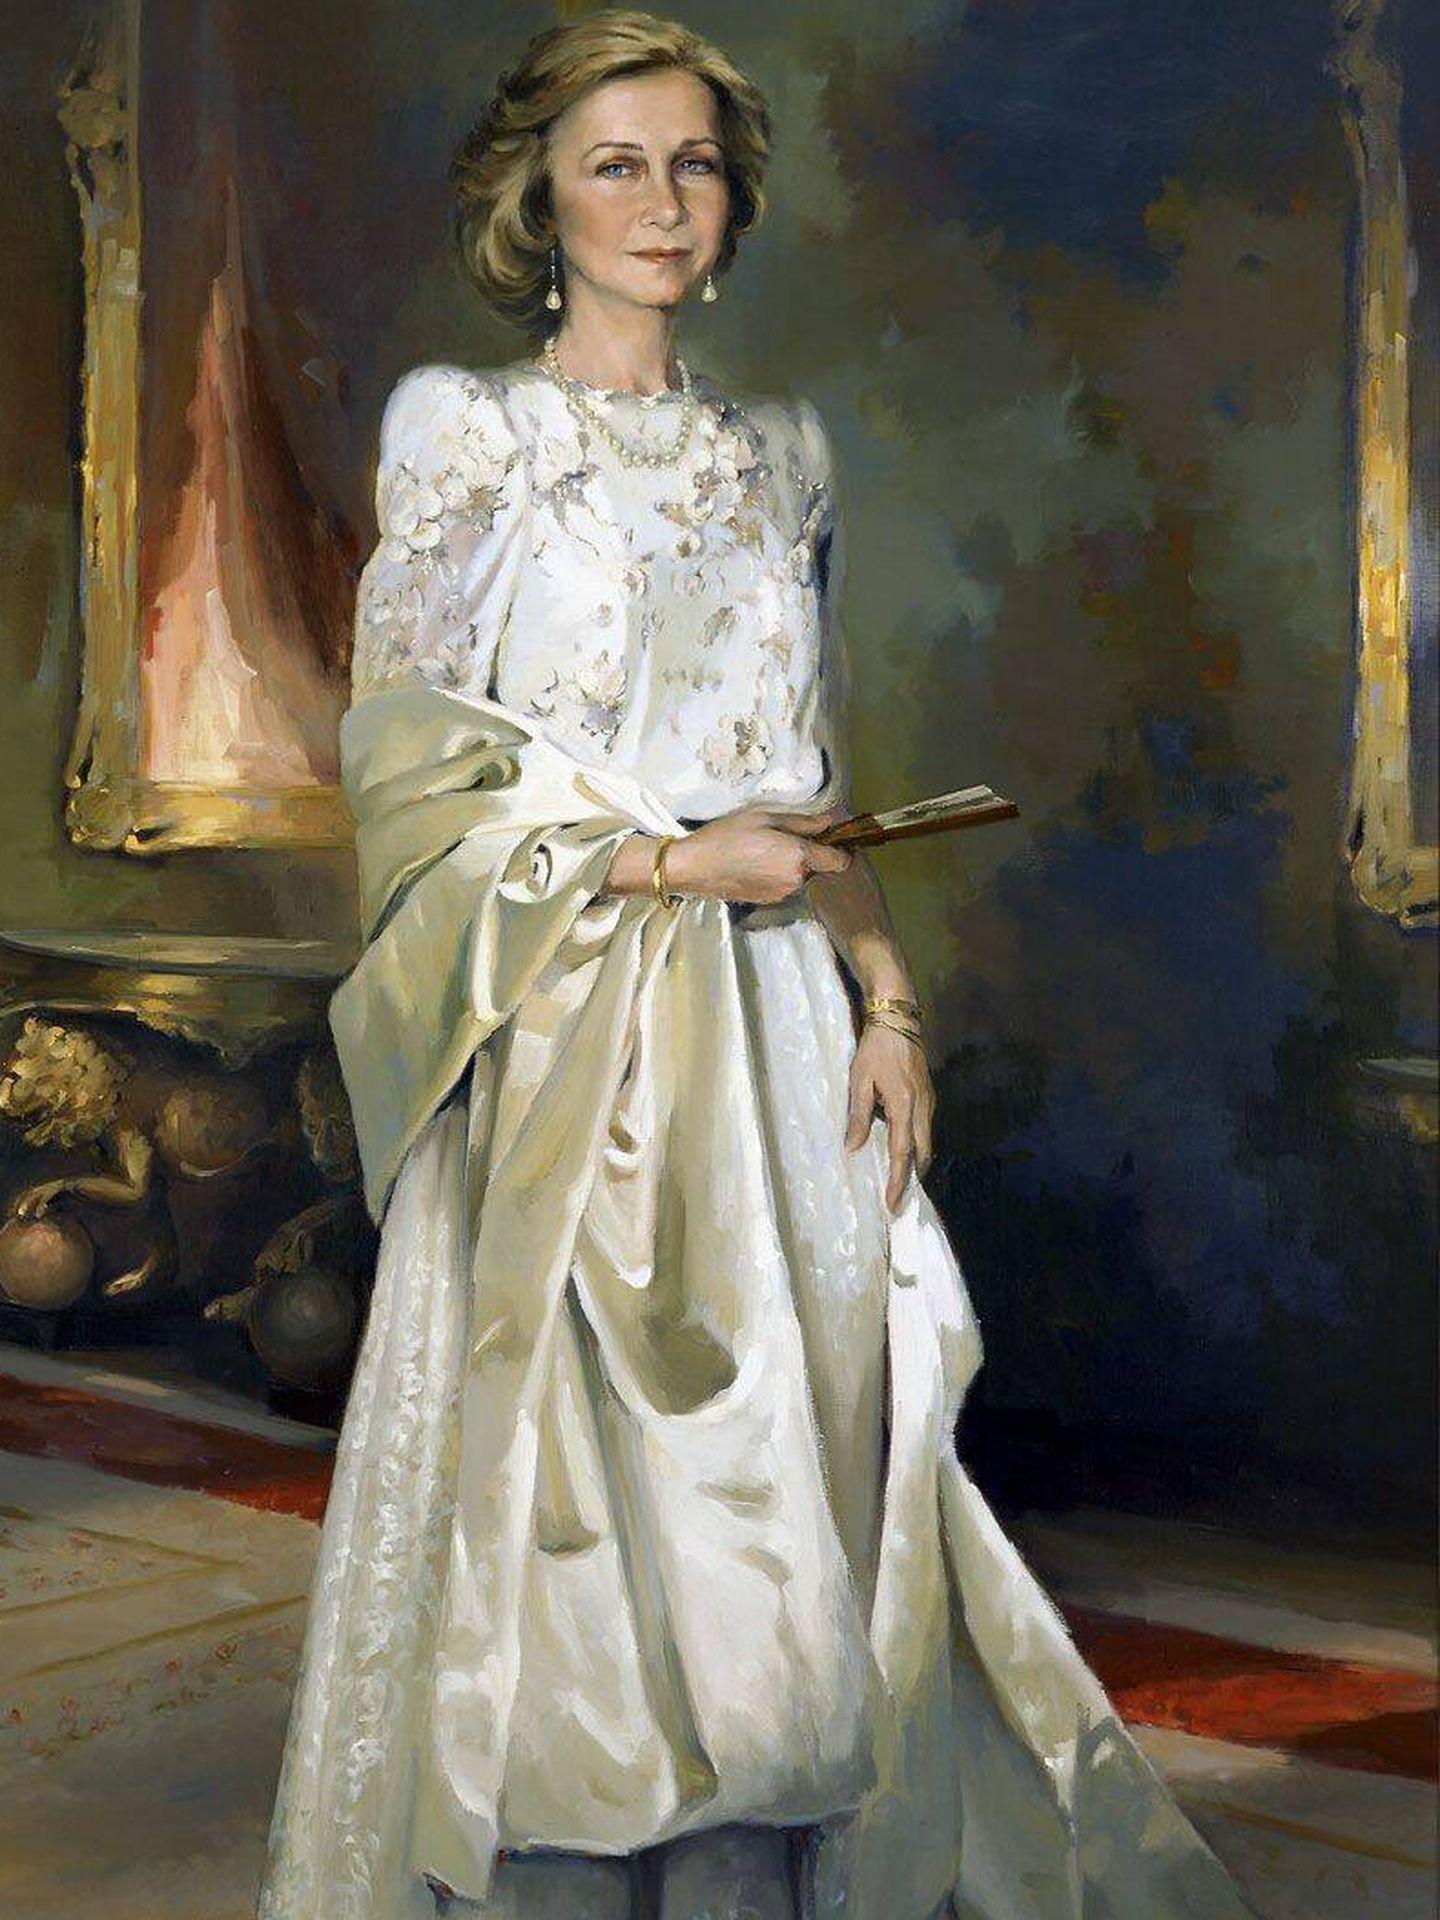 Su retrato de la reina Sofía. (Cortesía)